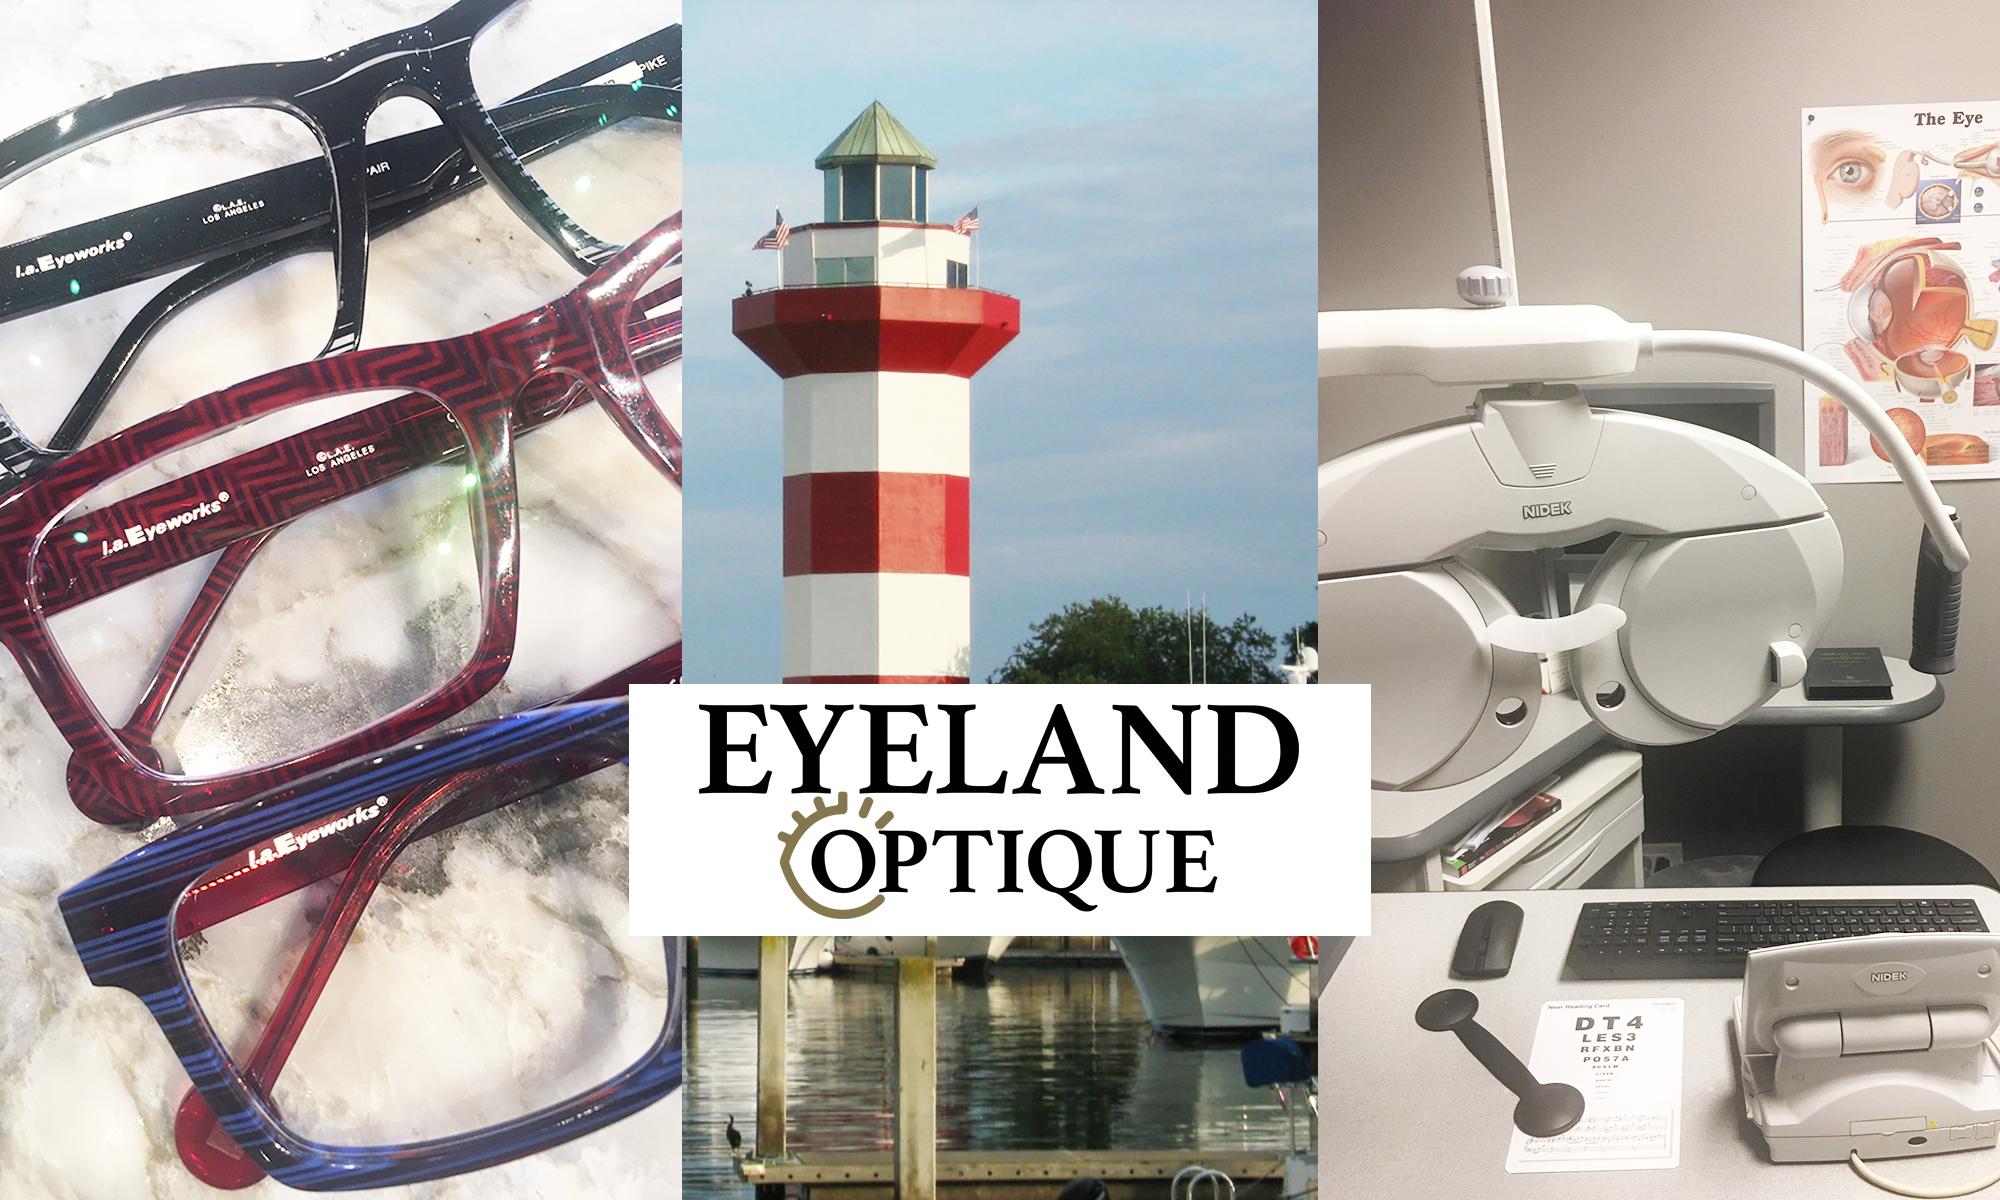 Eyeland Optique